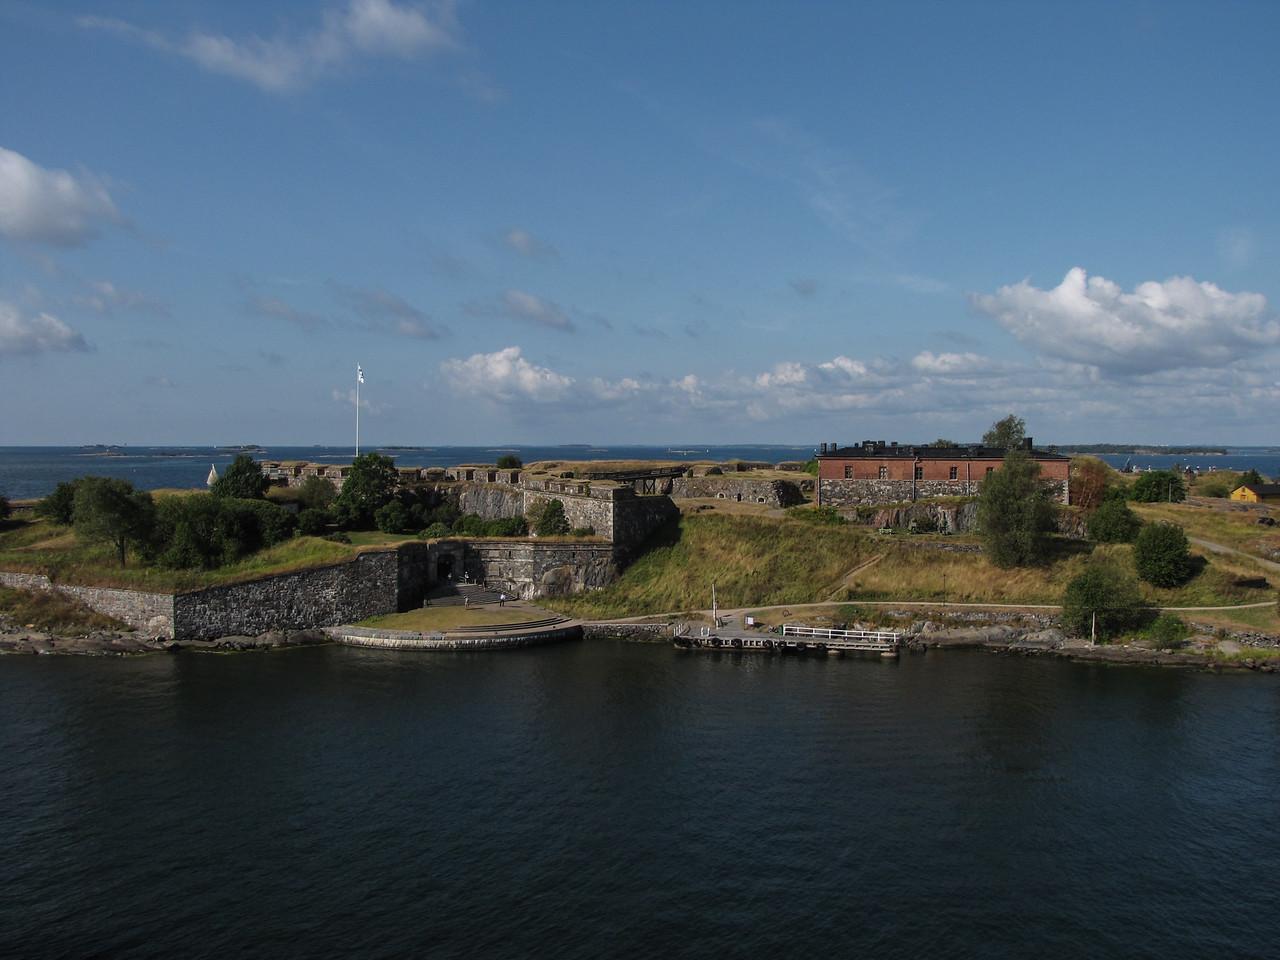 Views of Suomenlinna